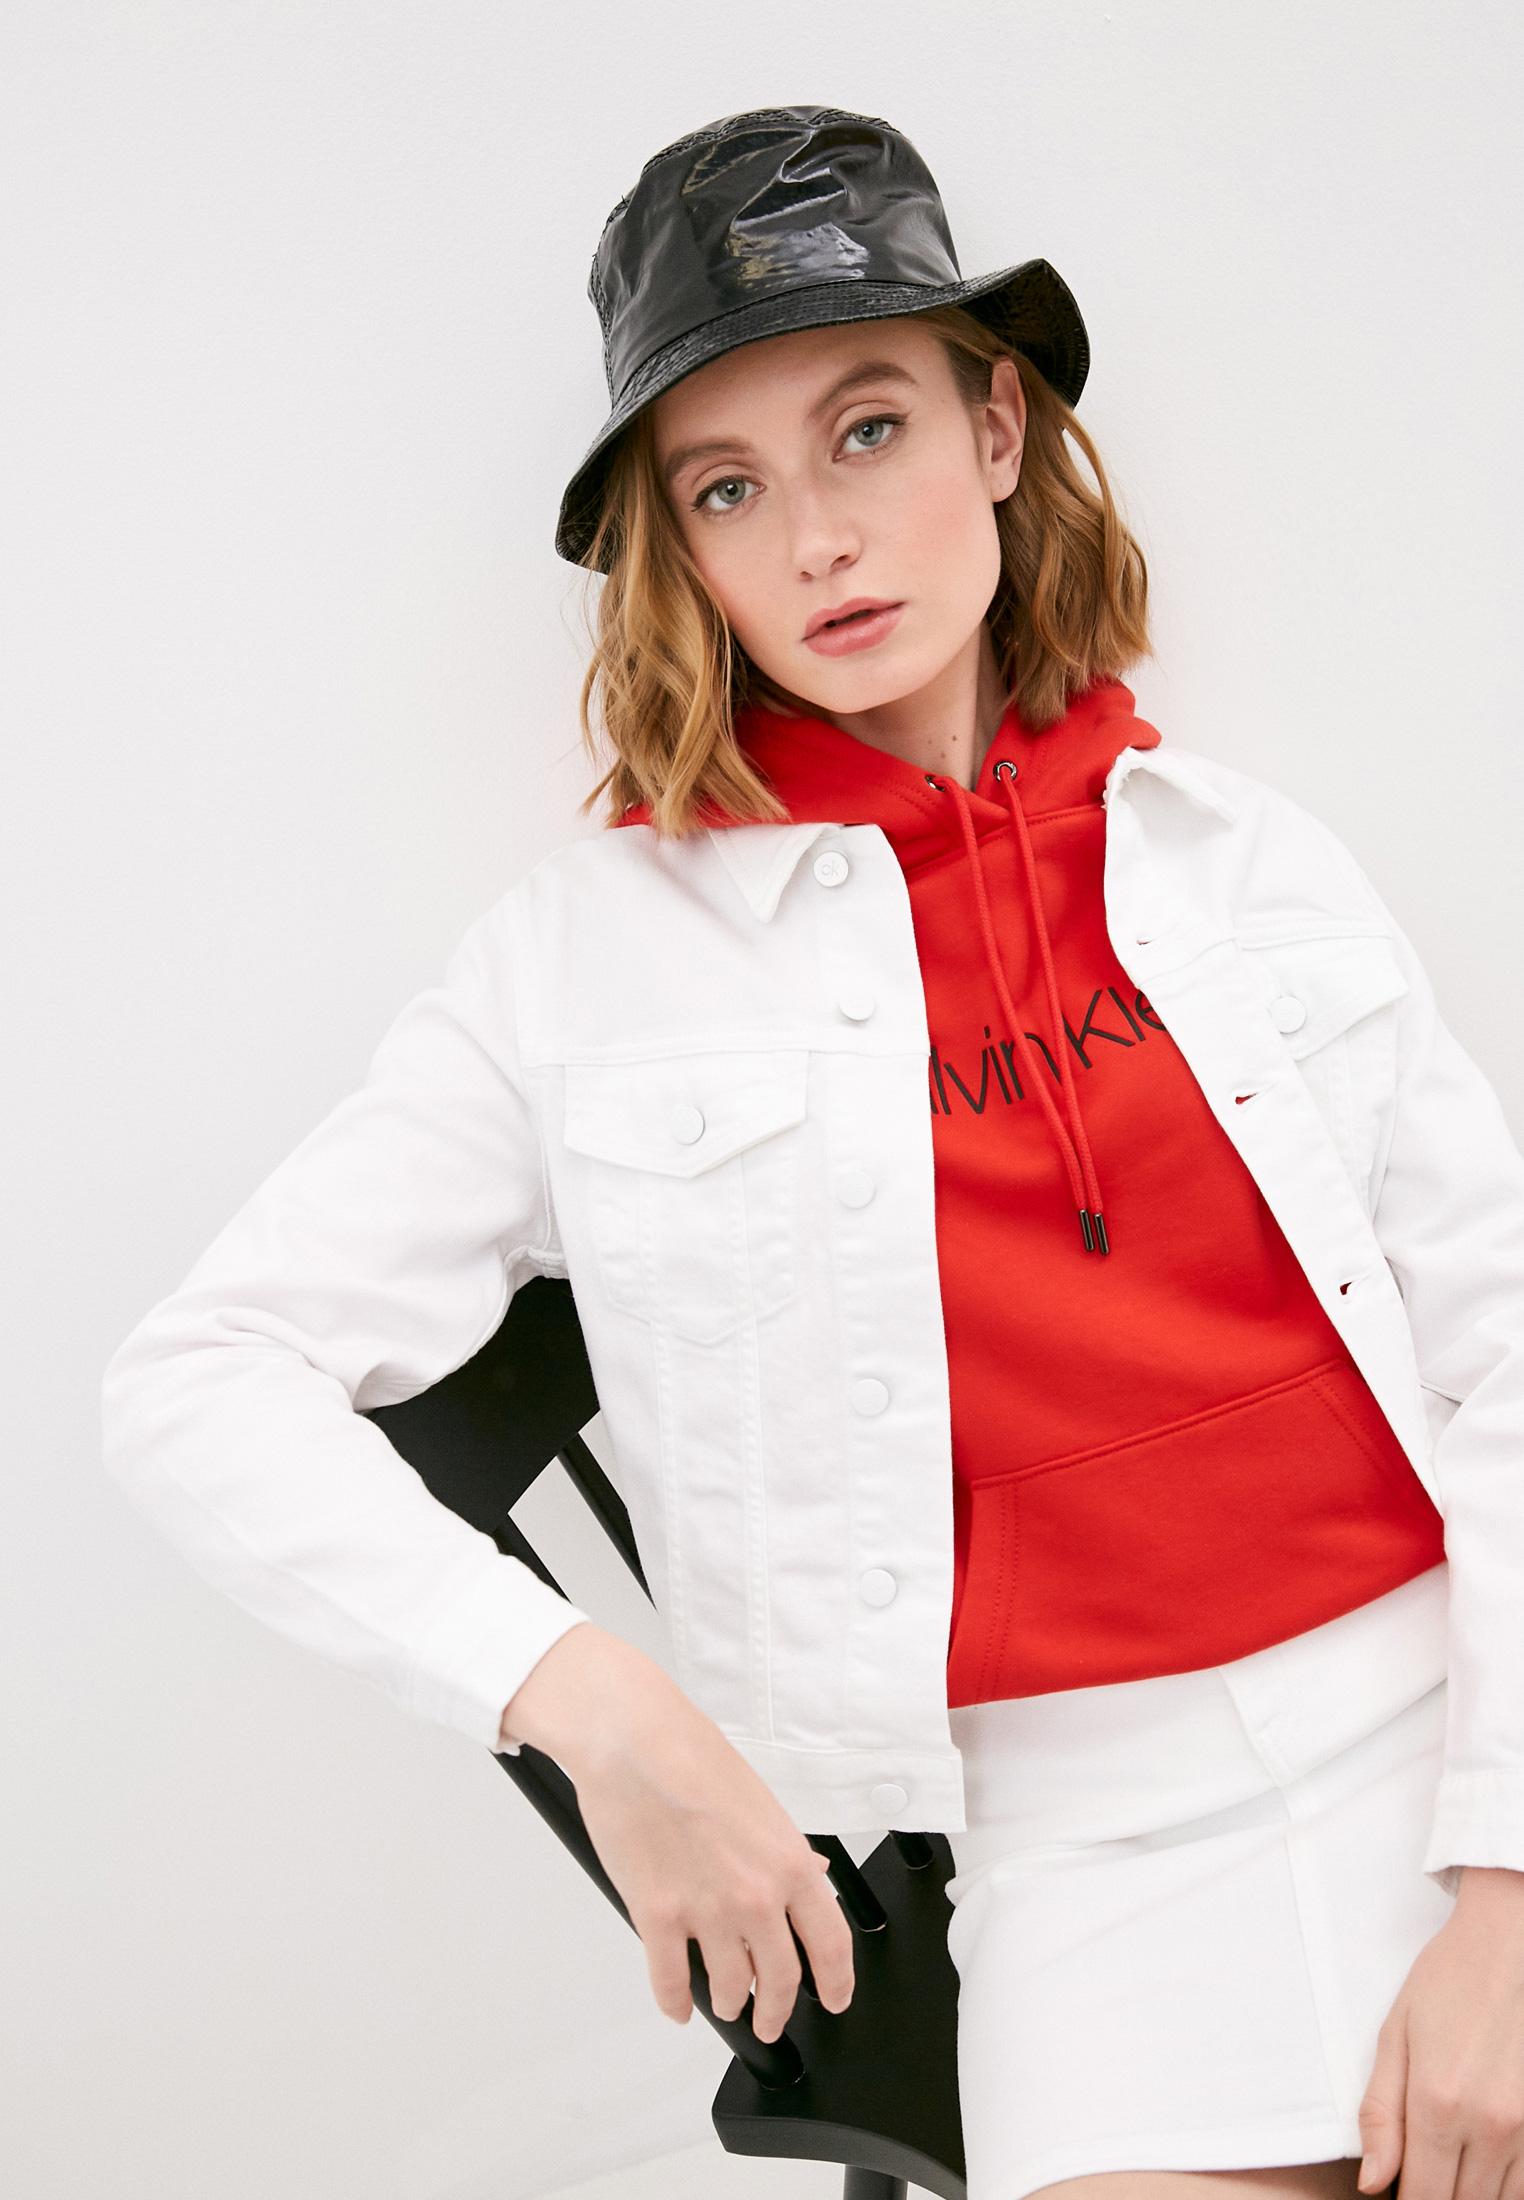 Джинсовая куртка Calvin Klein (Кельвин Кляйн) Куртка джинсовая Calvin Klein